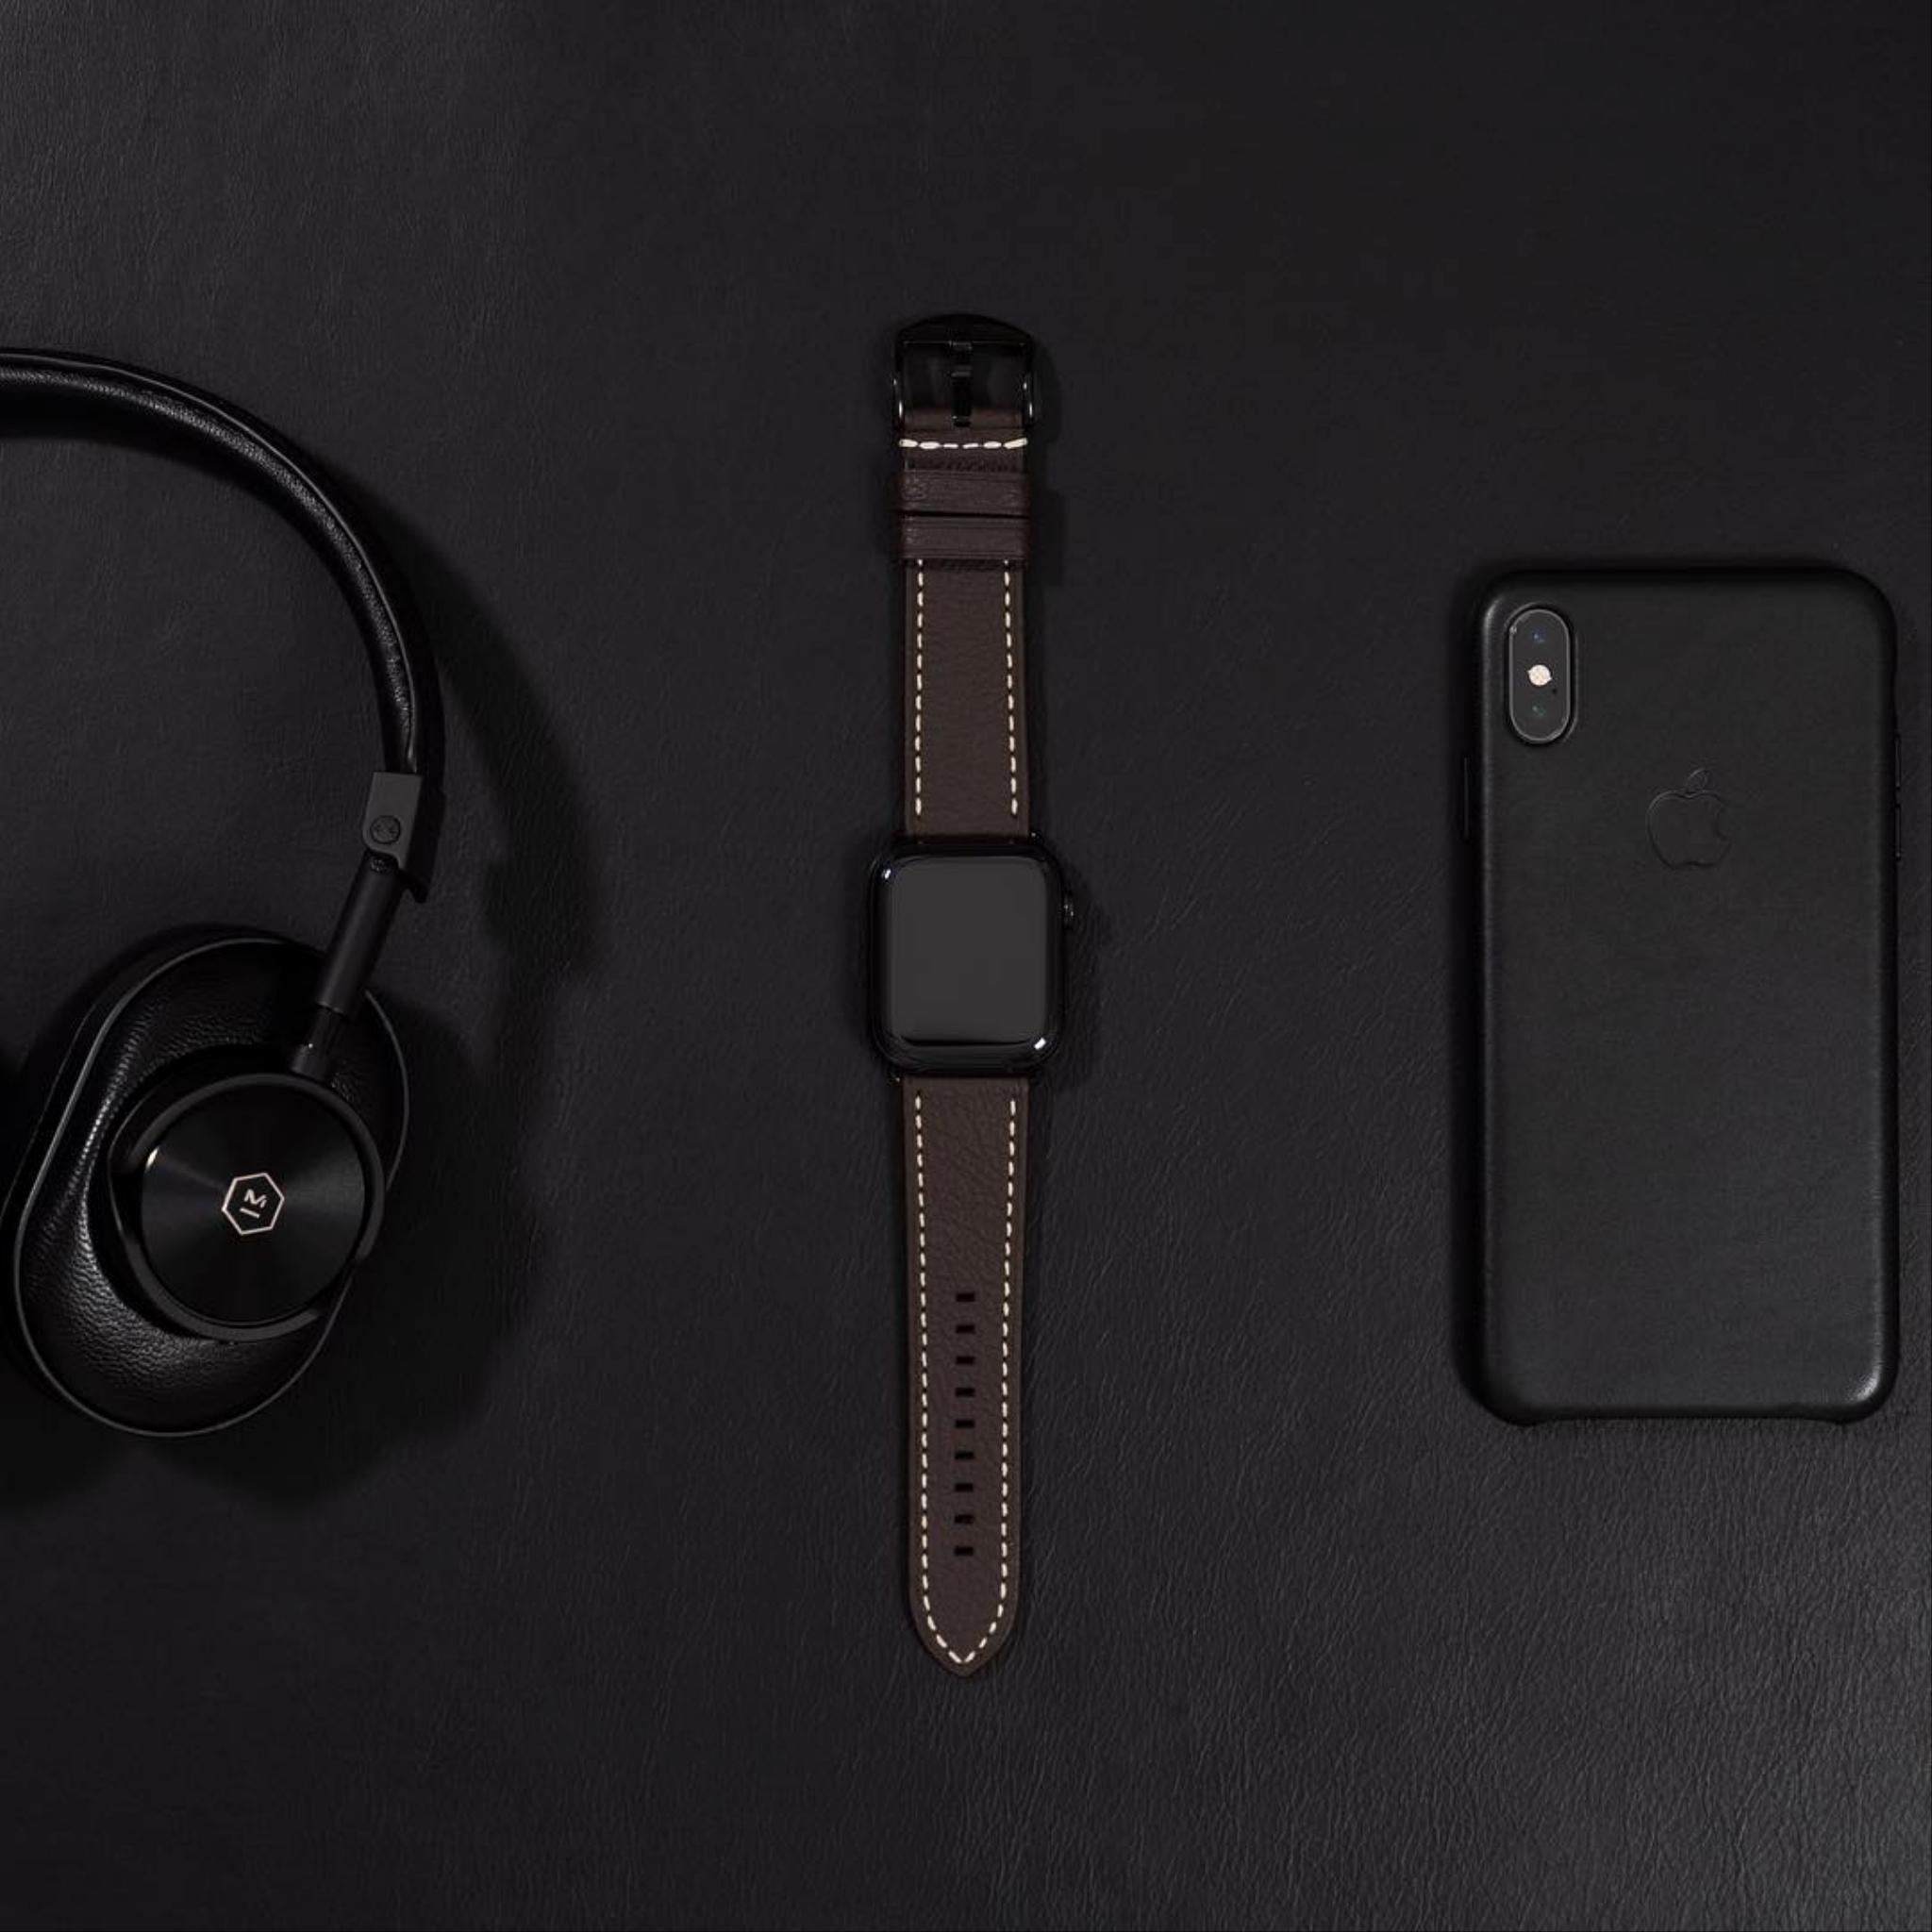 mobile, watch, headphones